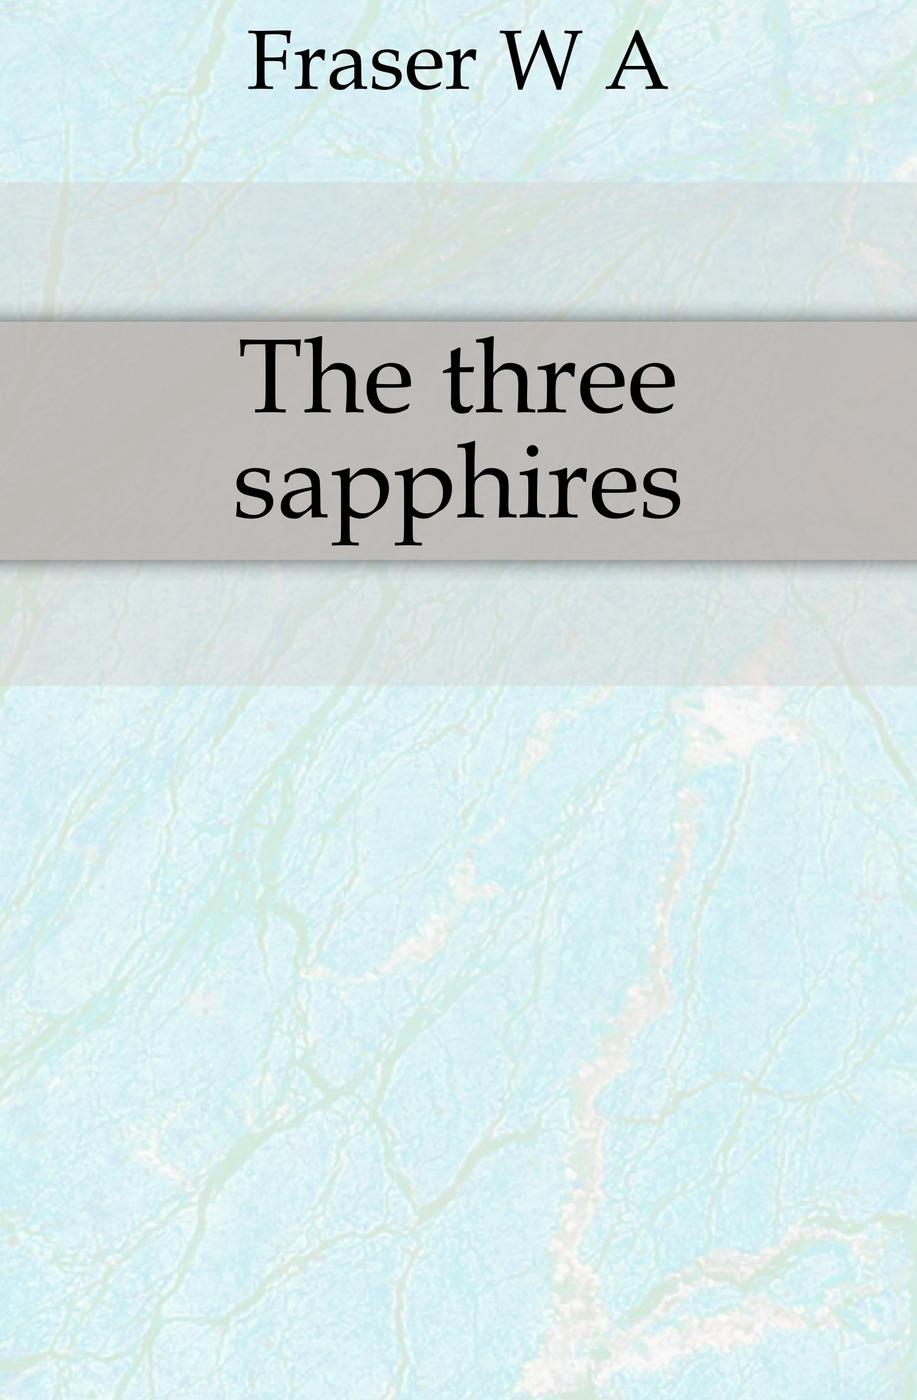 все цены на W. A. Fraser The three sapphires онлайн